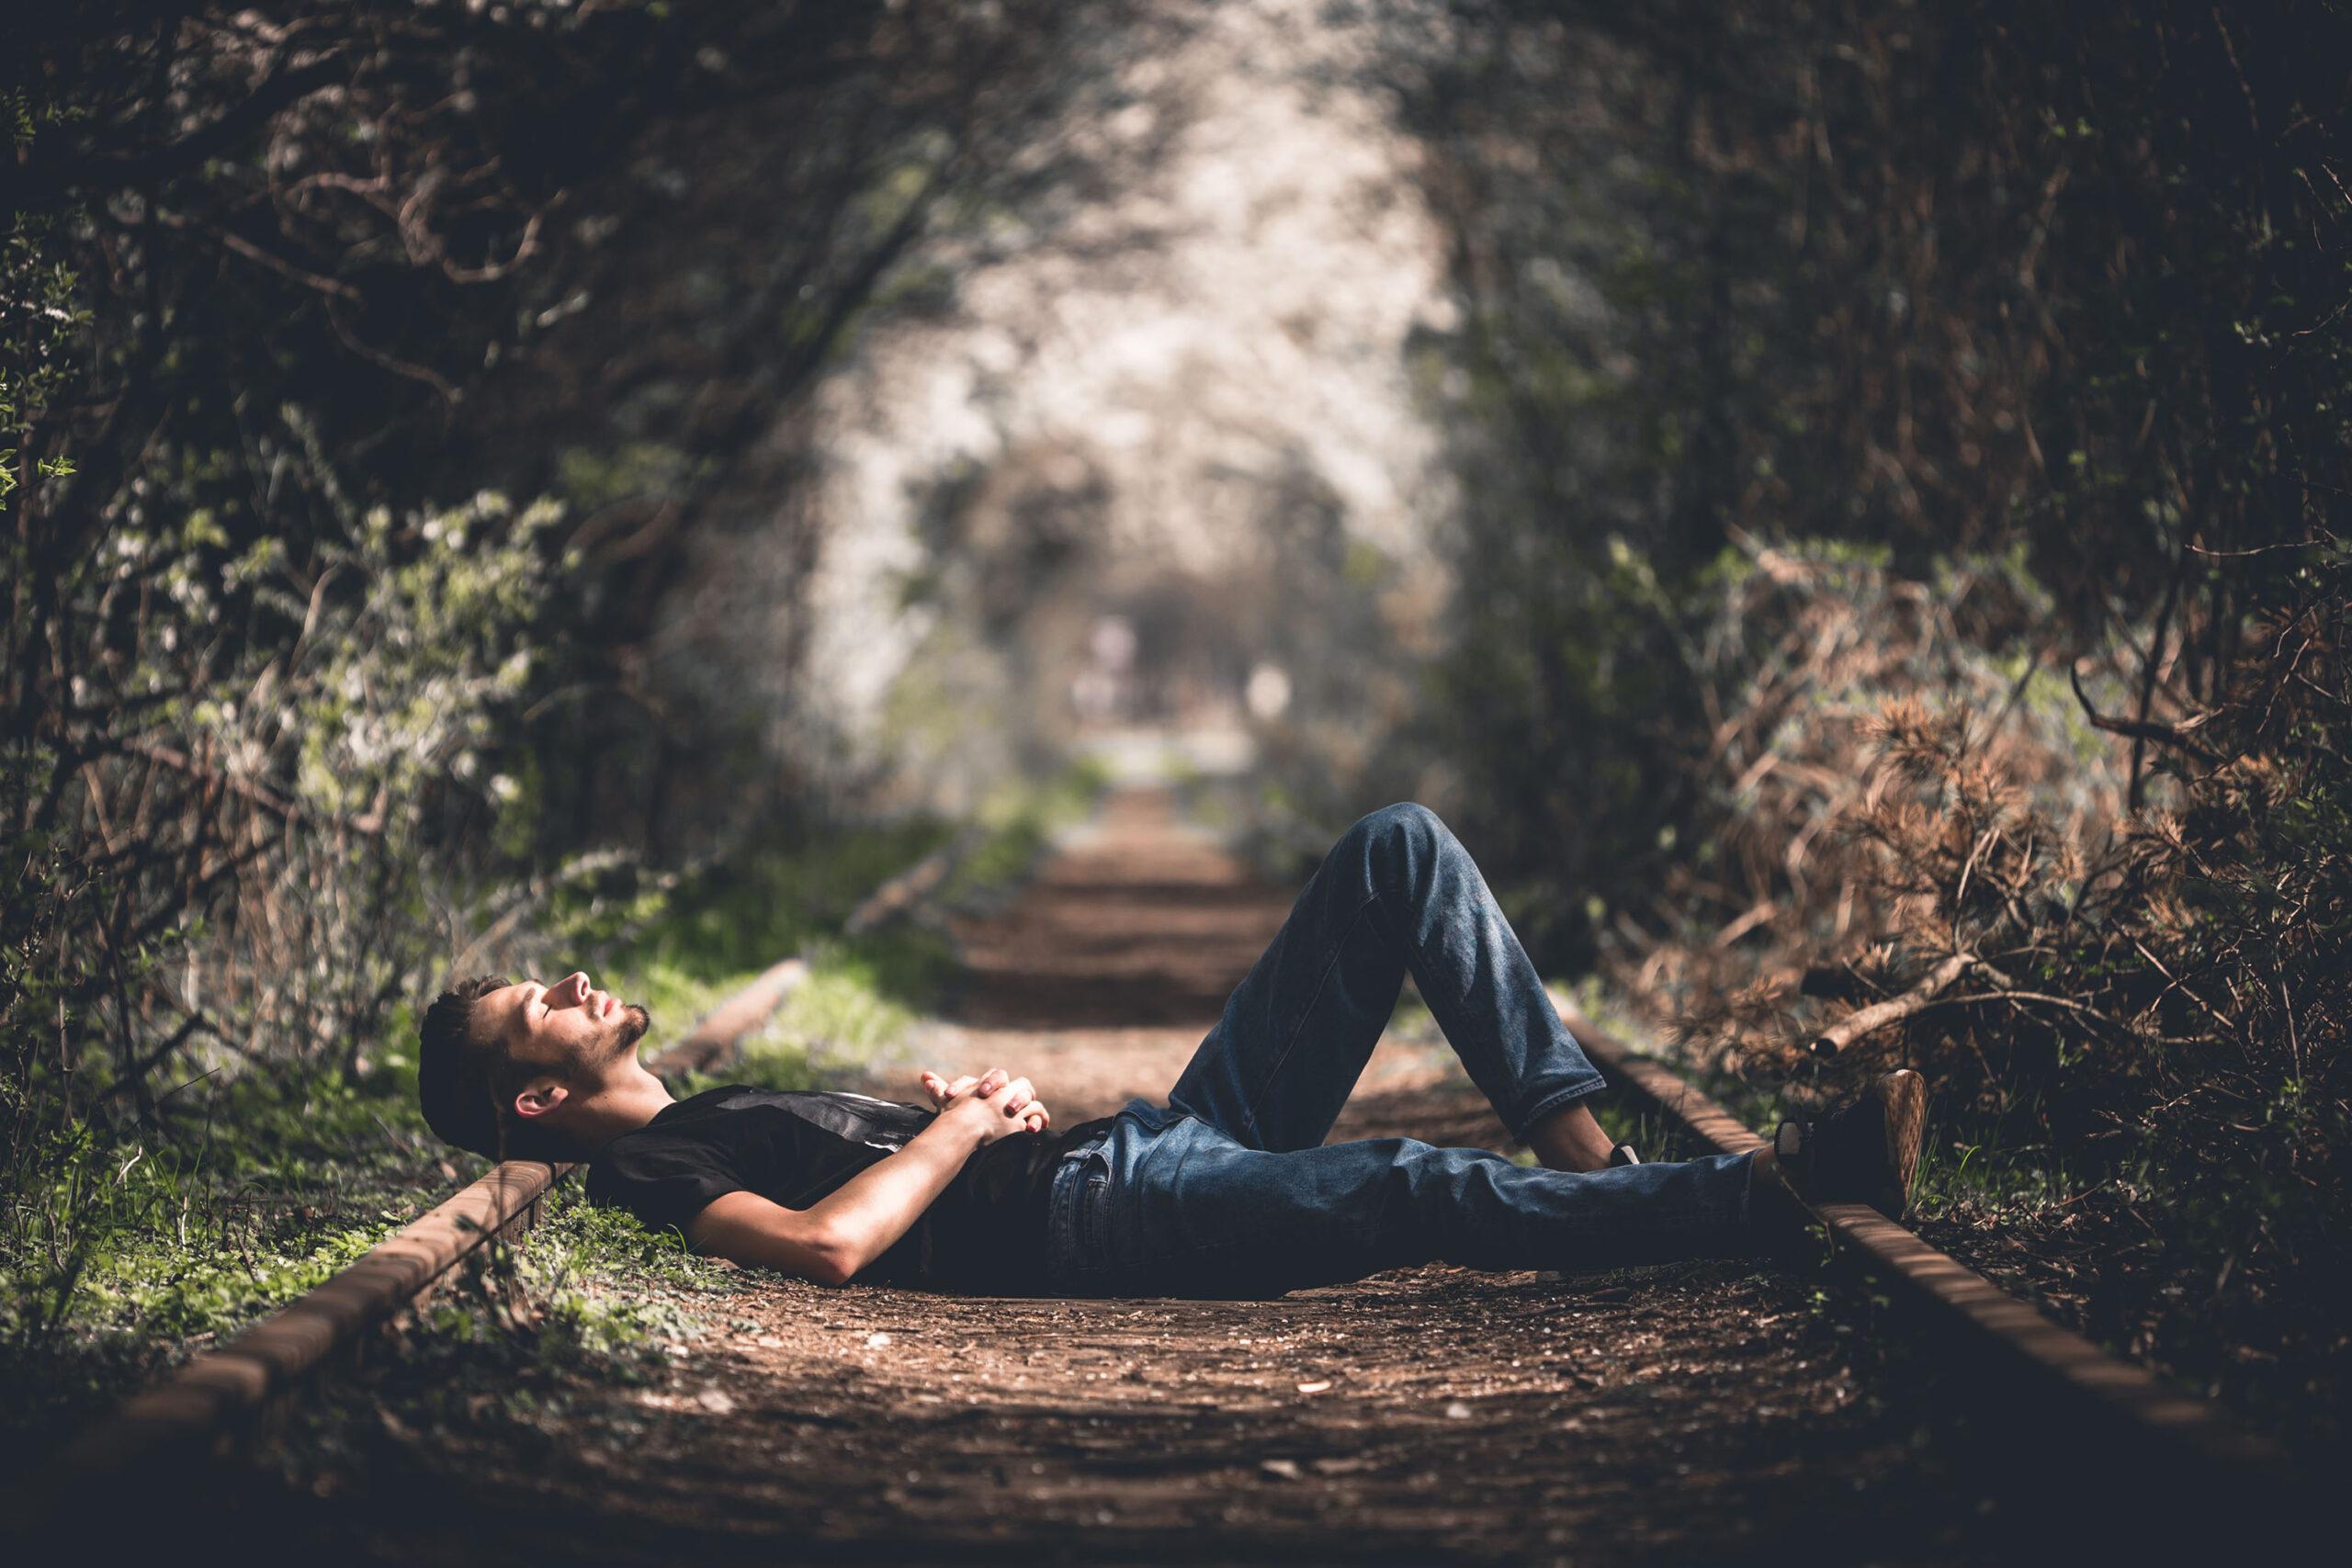 Man Sleeping on Road